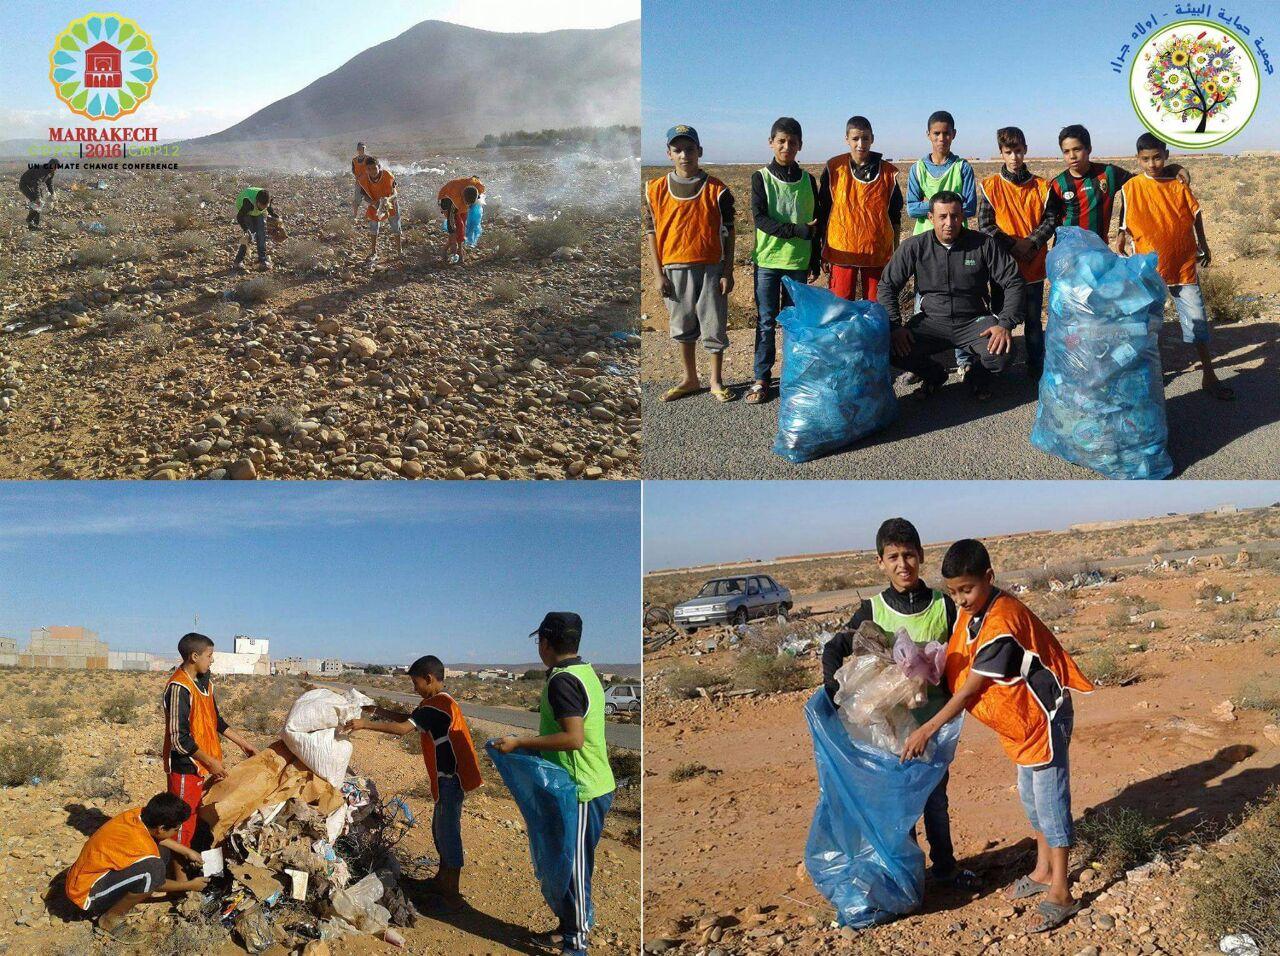 جمعية حماية البئية – أولاد جرار تنظم حملة لجمع وإتلاف الأكياس البلاستيكية تجاوبا مع كوب 22